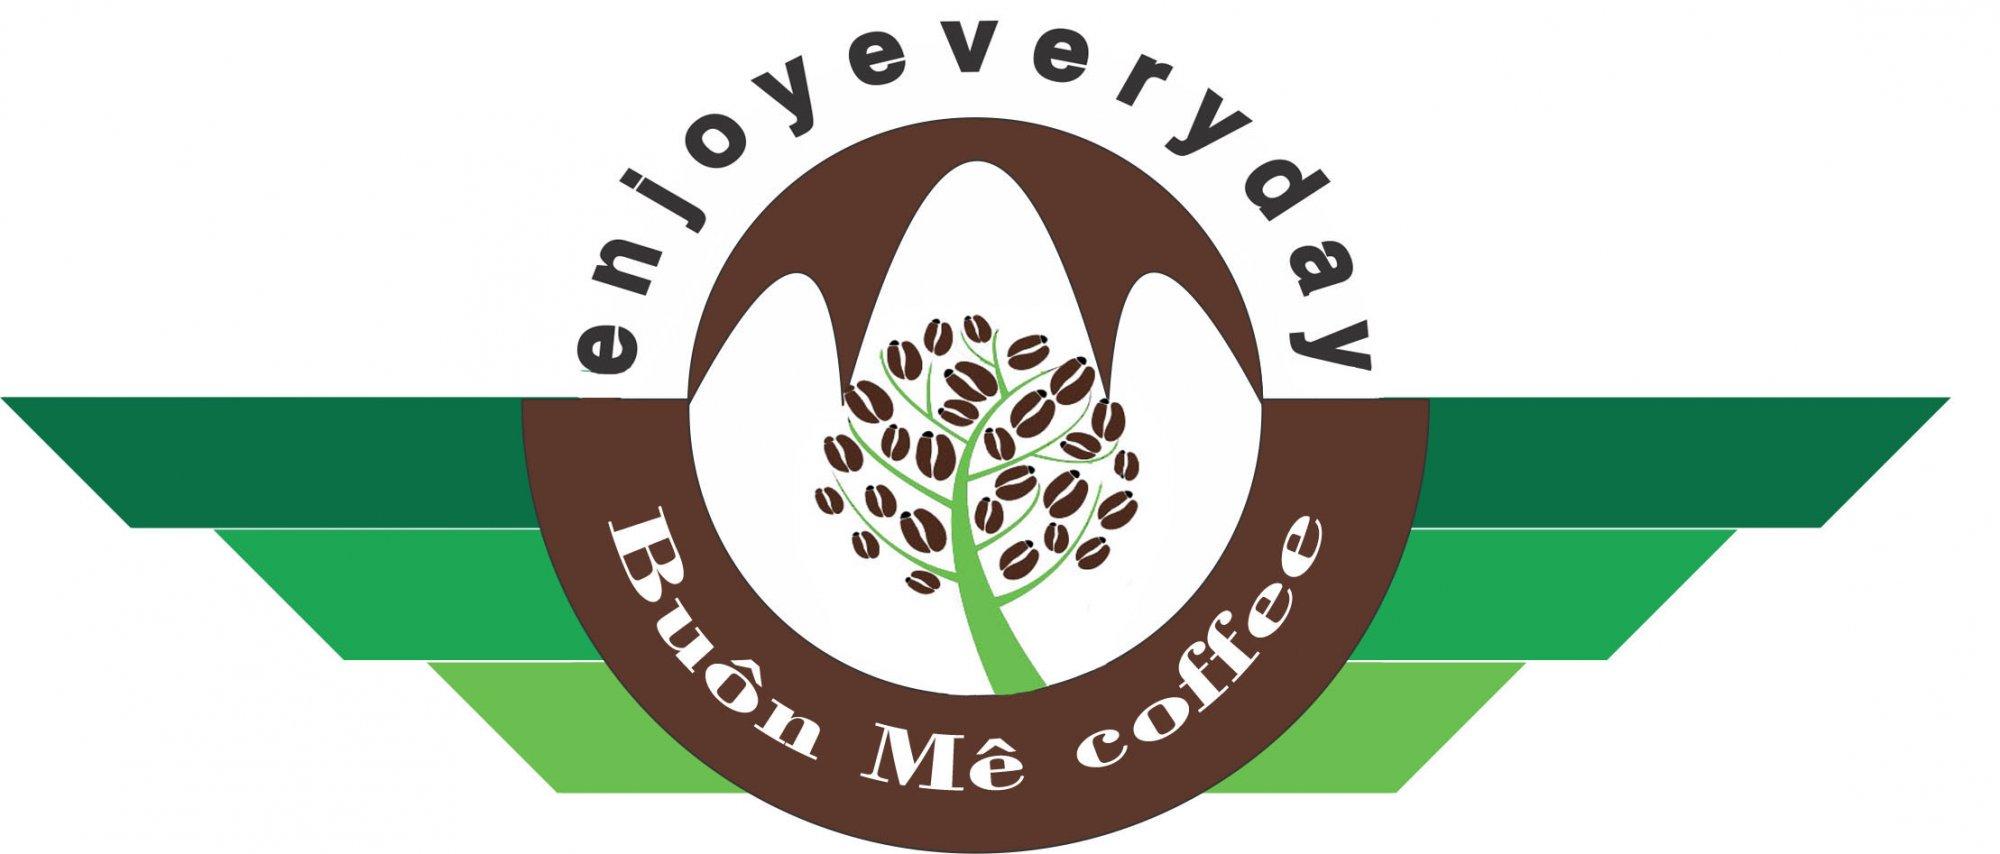 Buôn Mê Coffee - Công ty cà phê Buôn Mê